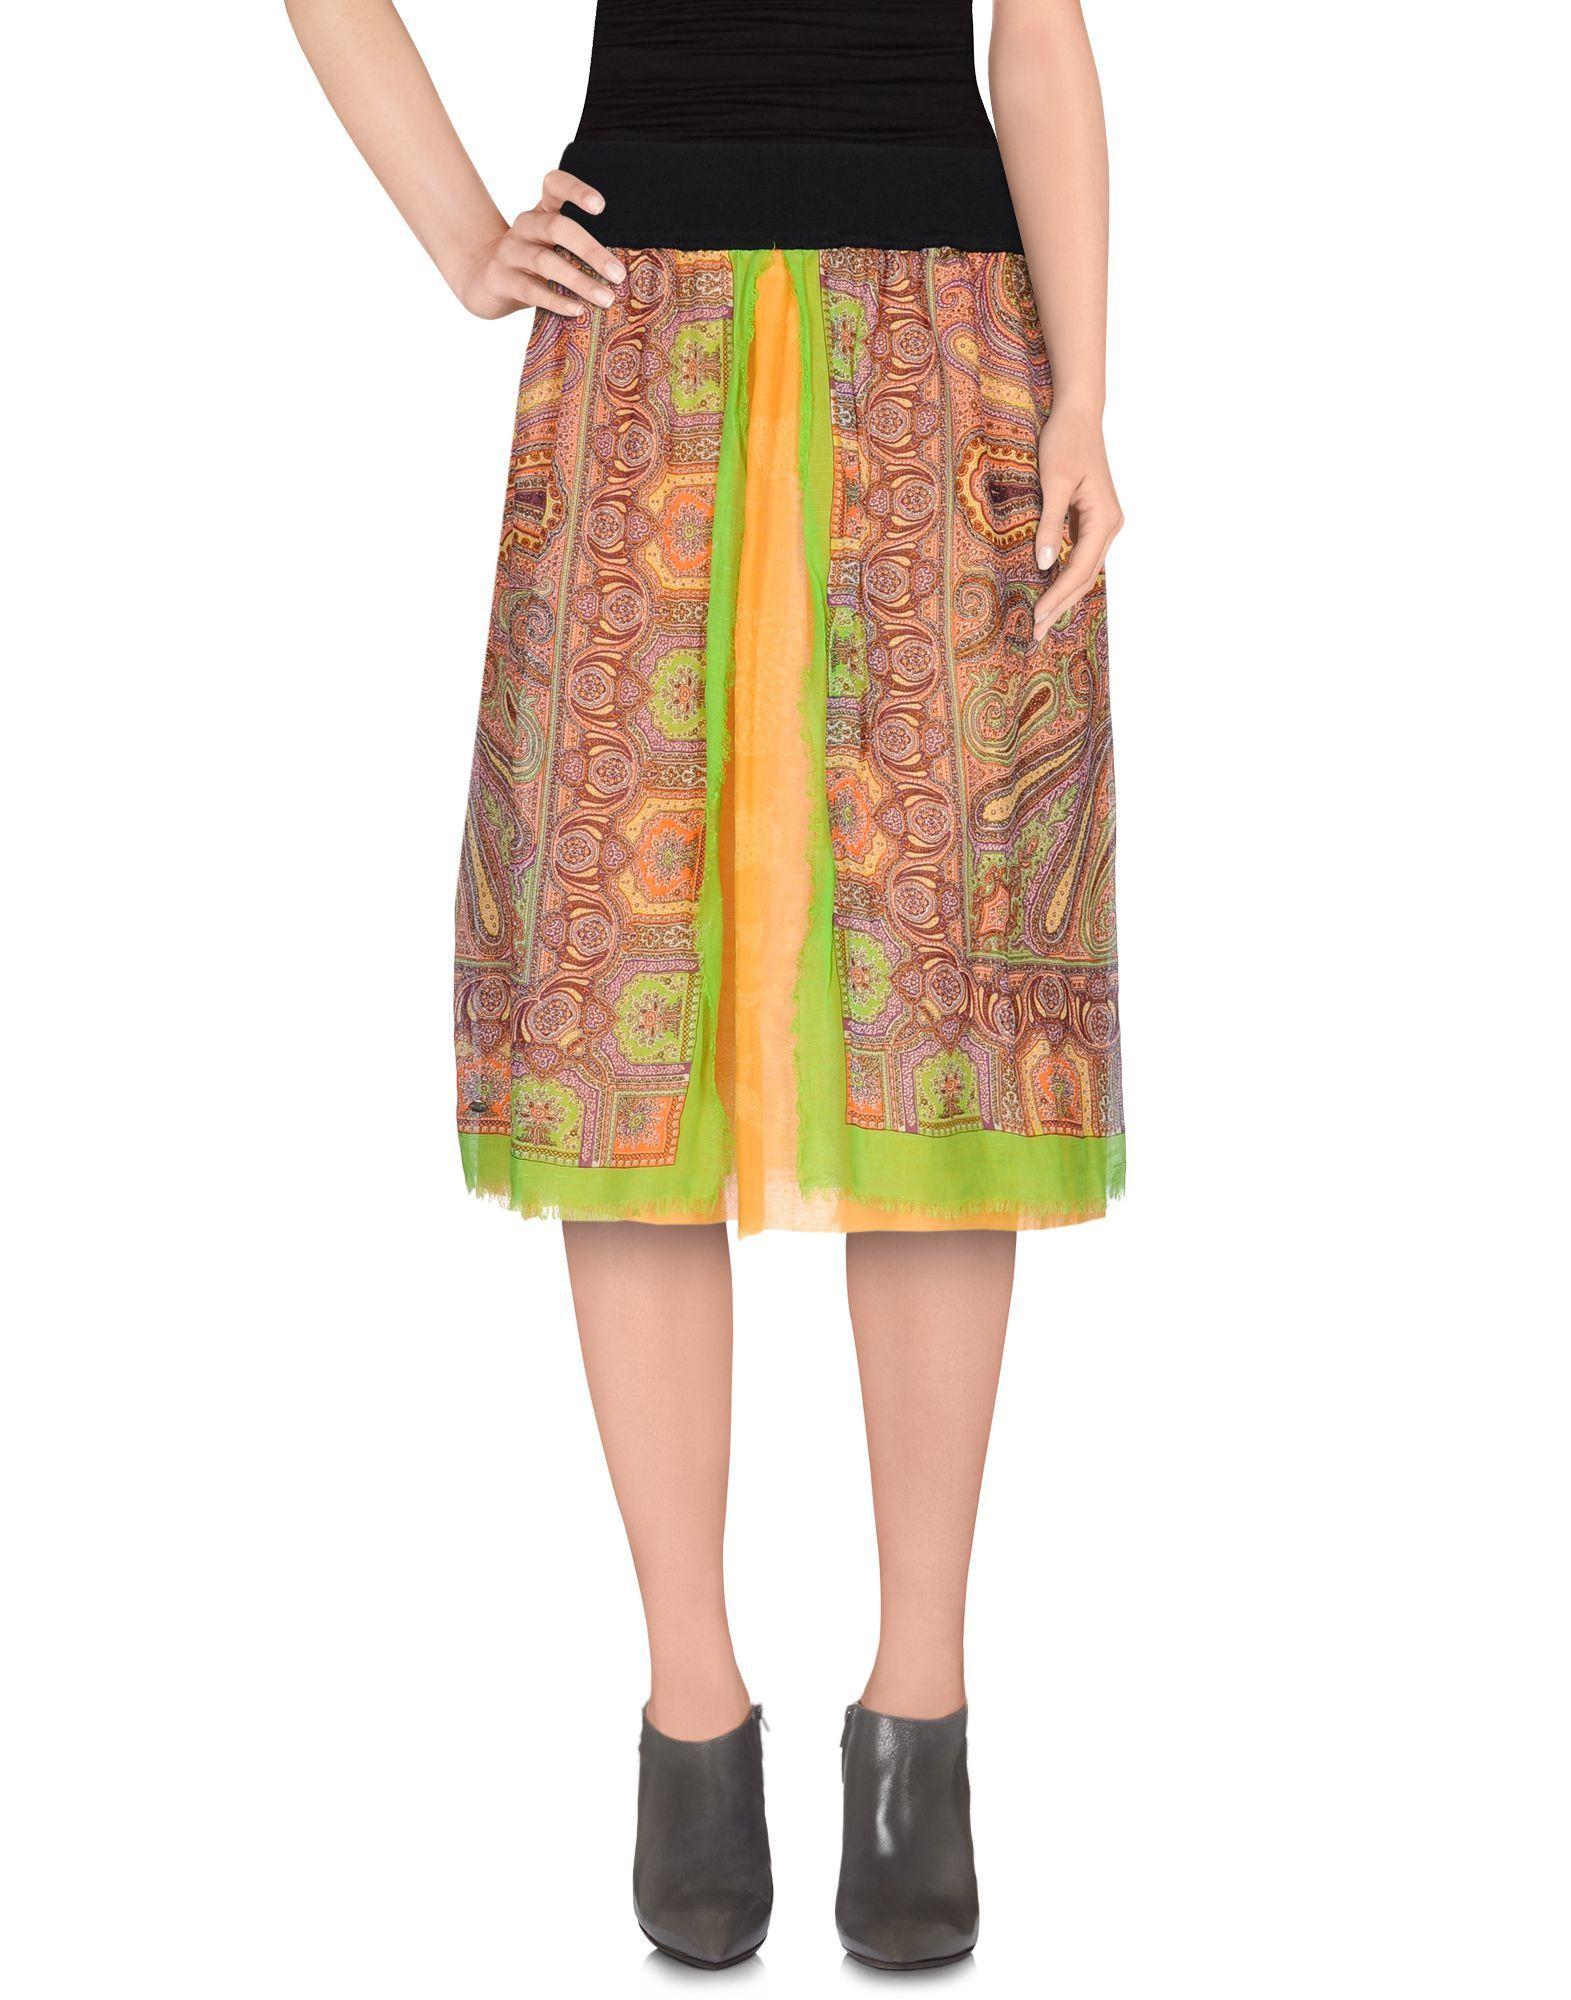 Rosamunda Women's Orange Knee Length Skirt